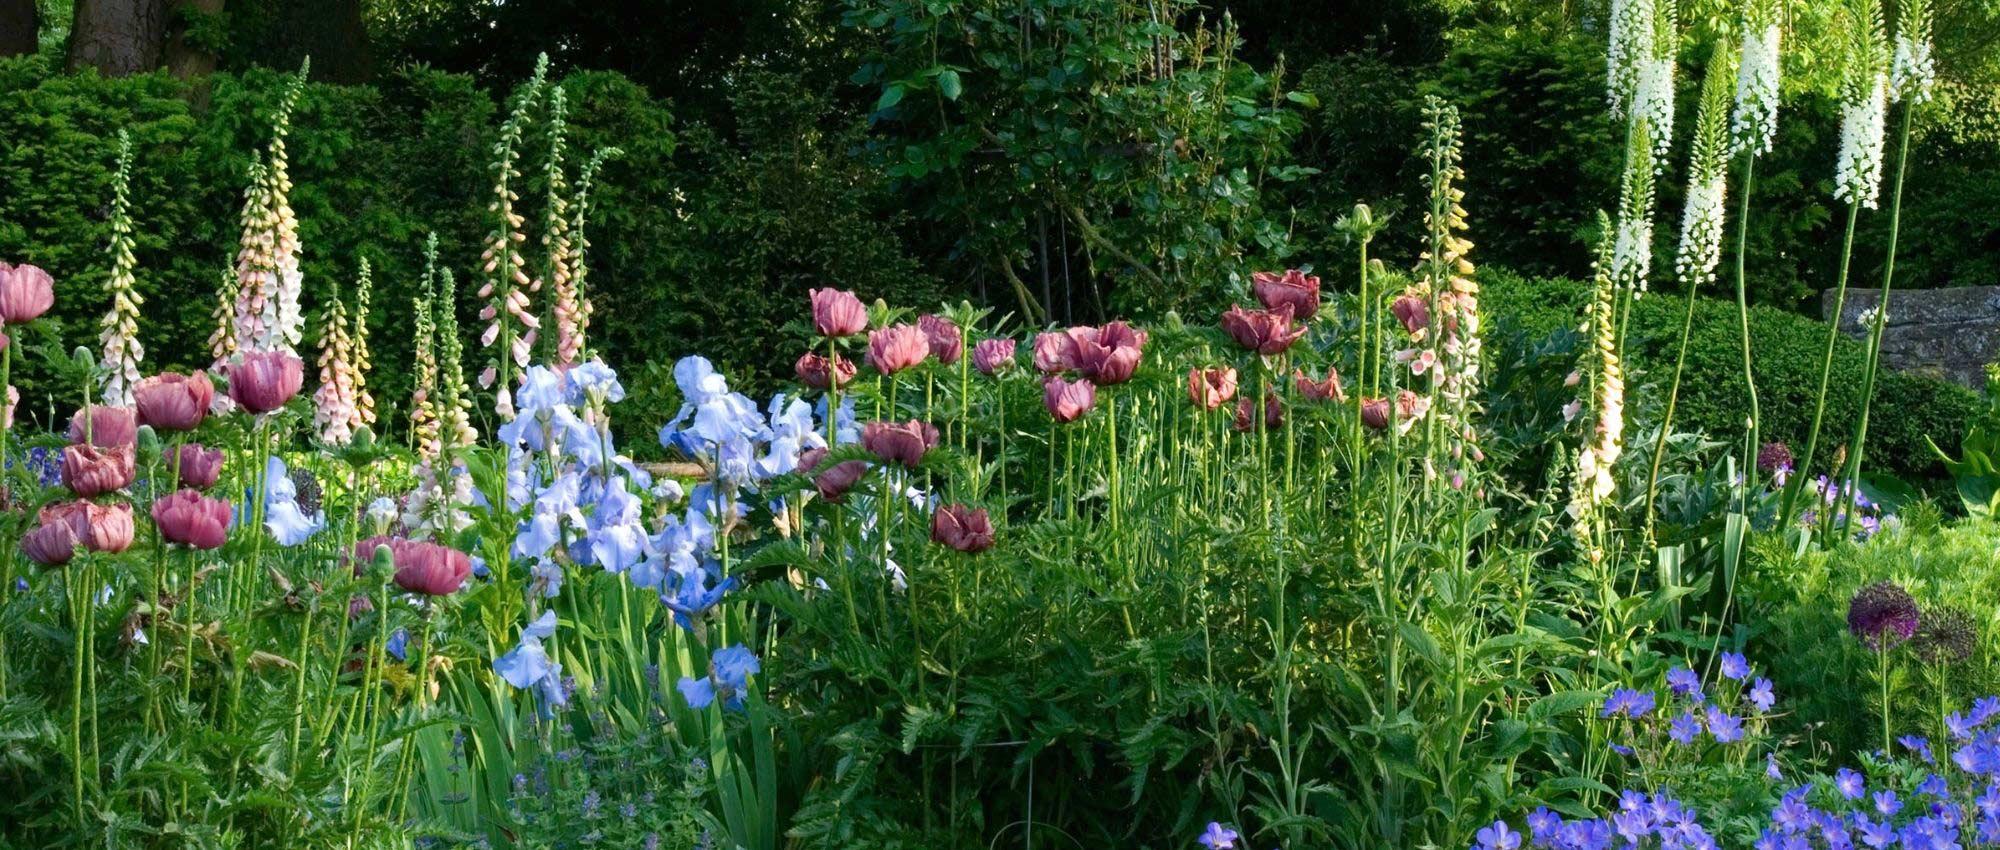 Les Jardins À L Anglaise jardin anglais : 10 plantes emblématiques pour l'aménager